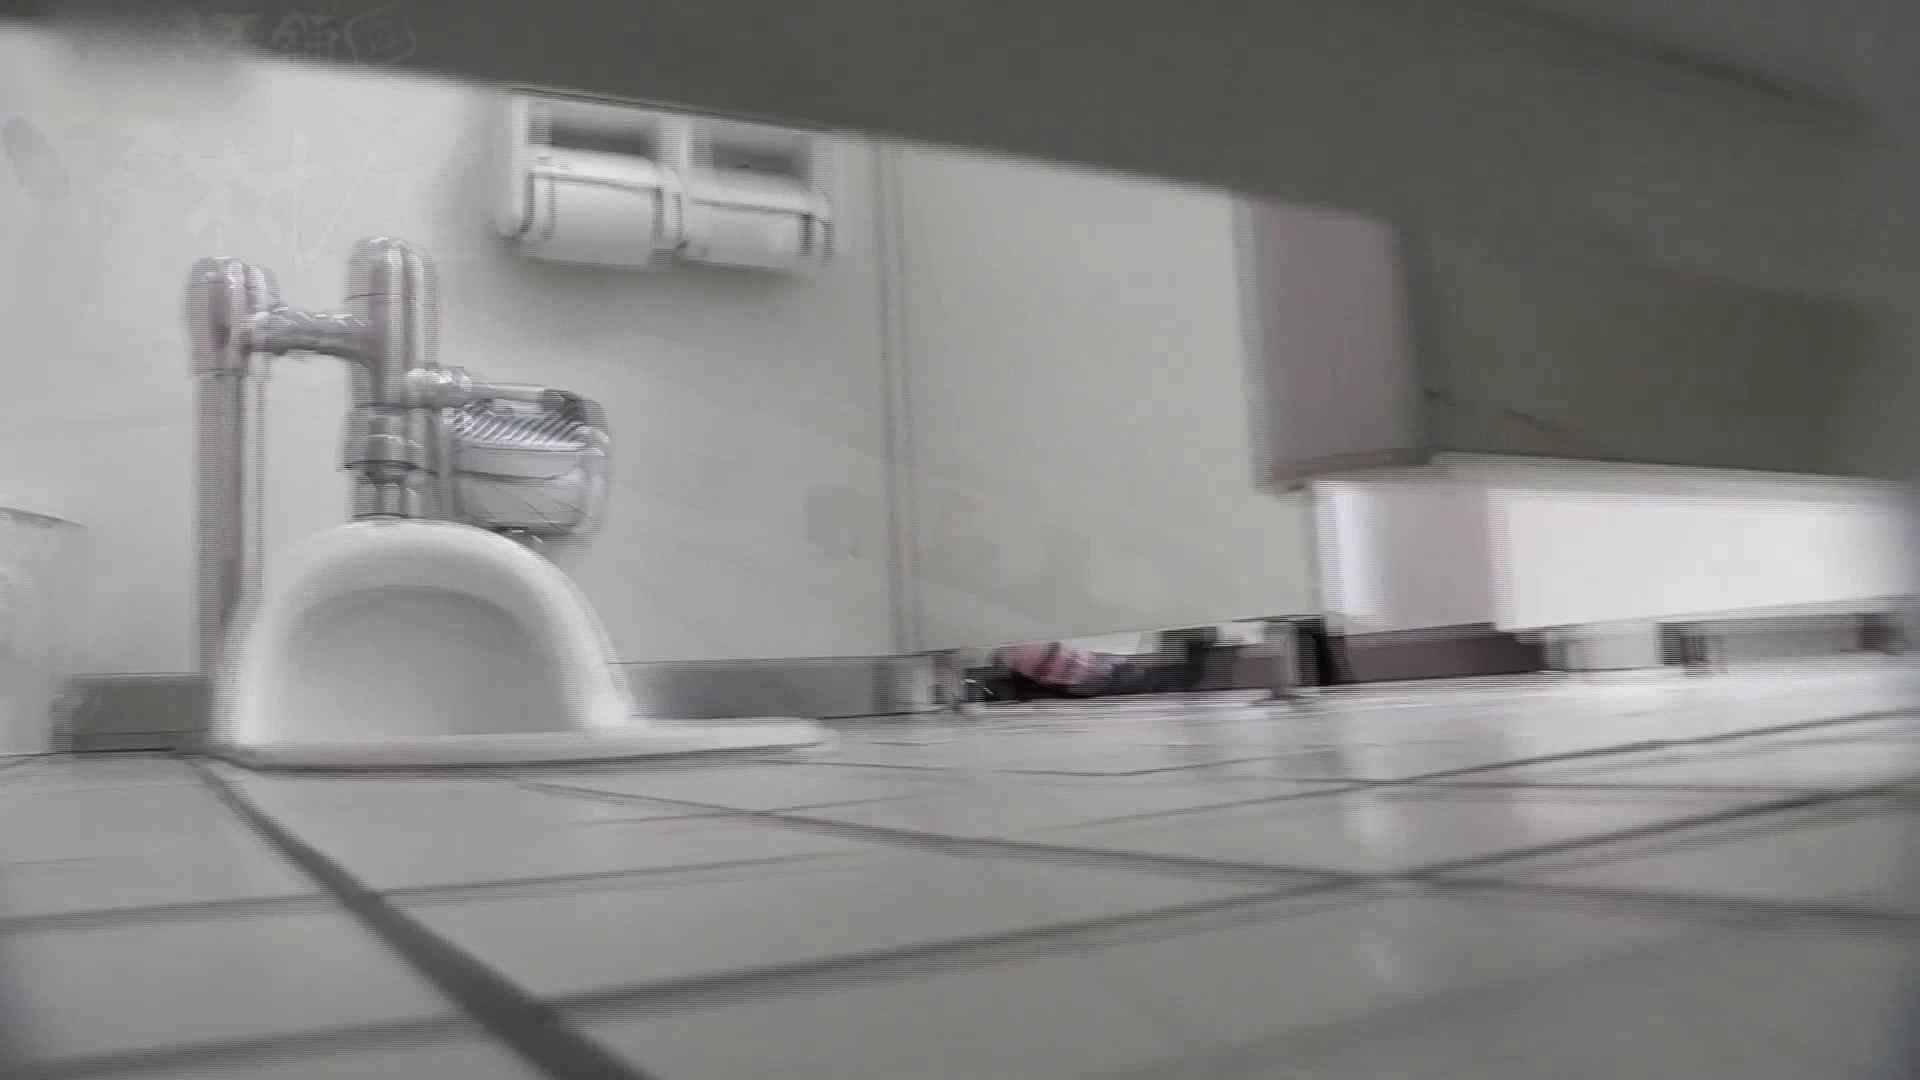 美しい日本の未来 No.24近すぎて怖っ! 女子トイレ  48PICs 4